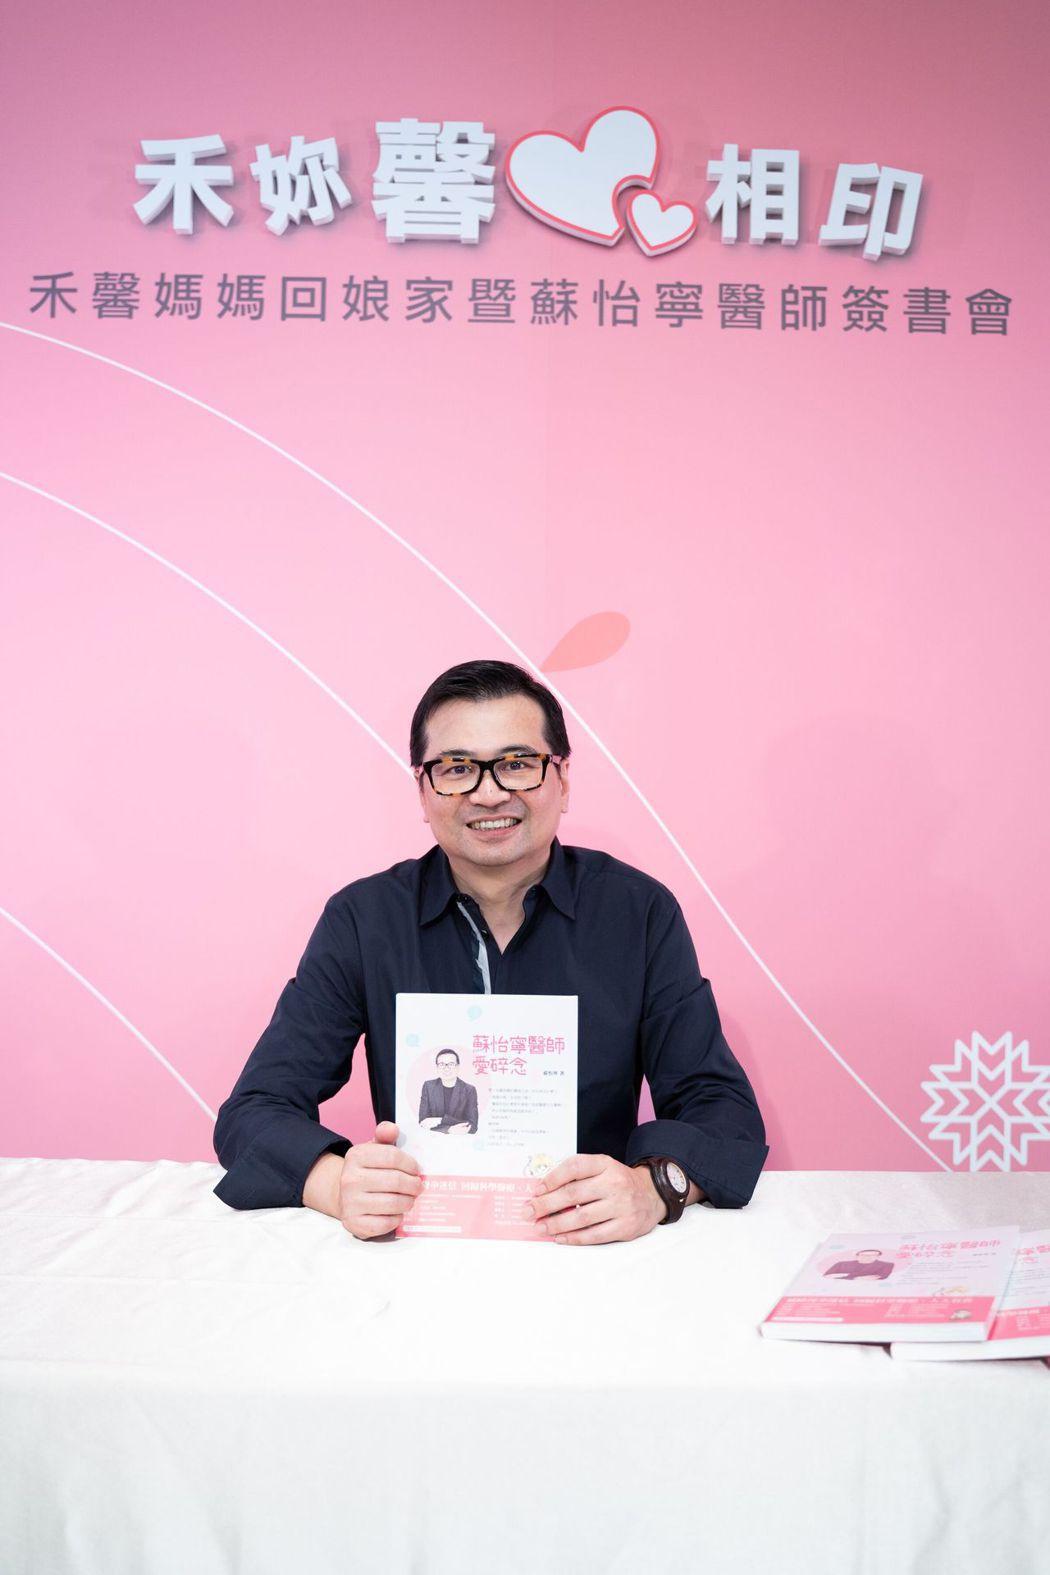 婦幼中心回娘家活動同時舉辦蘇怡寧醫師新書發表會,要破除傳統的懷孕迷信。禾馨醫療/...